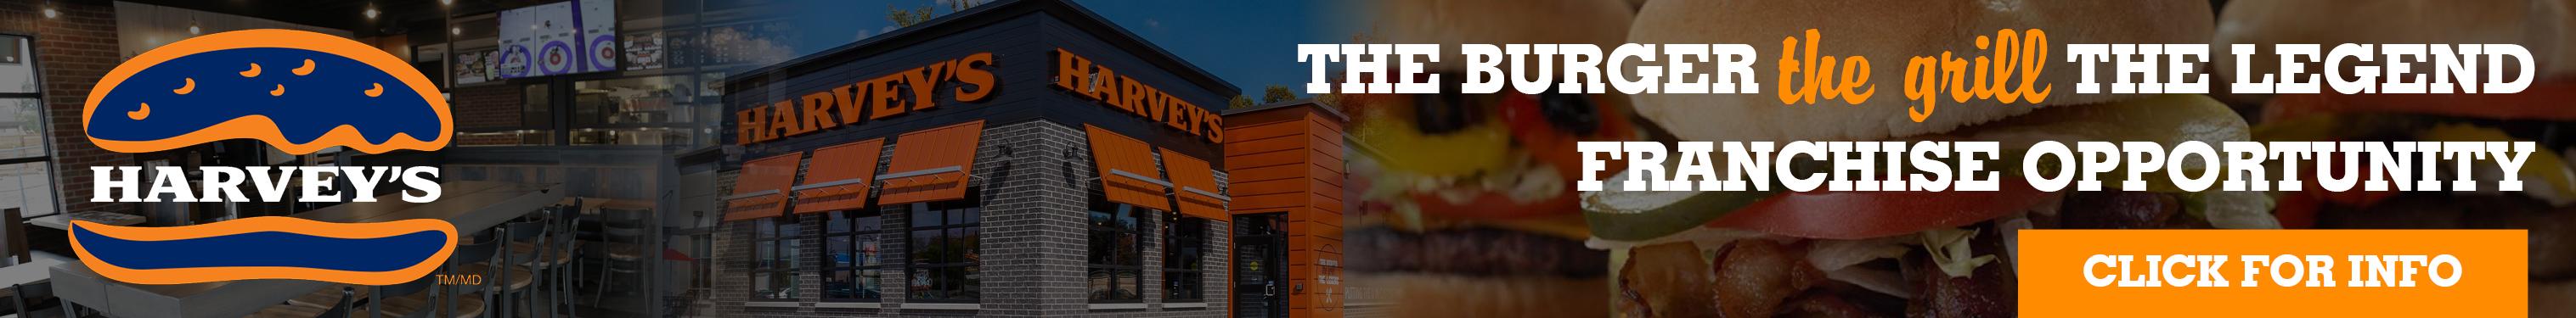 Harvey's Franchise Opportunity